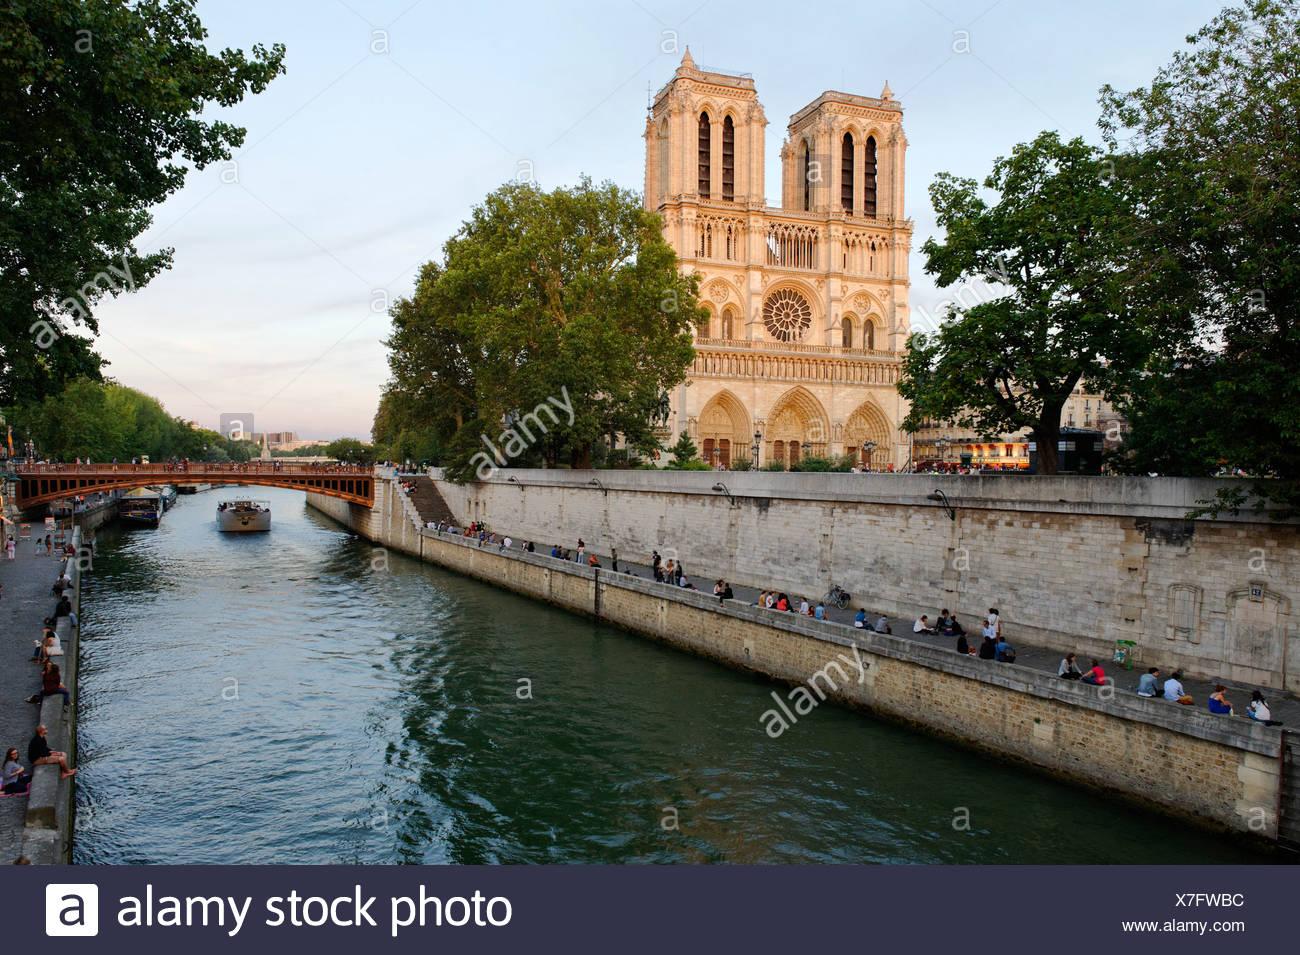 Cathedral Notre-Dame de Paris in the last evening light, on the Île de la Cité and the Seine, Paris, Ile-de-France, France - Stock Image